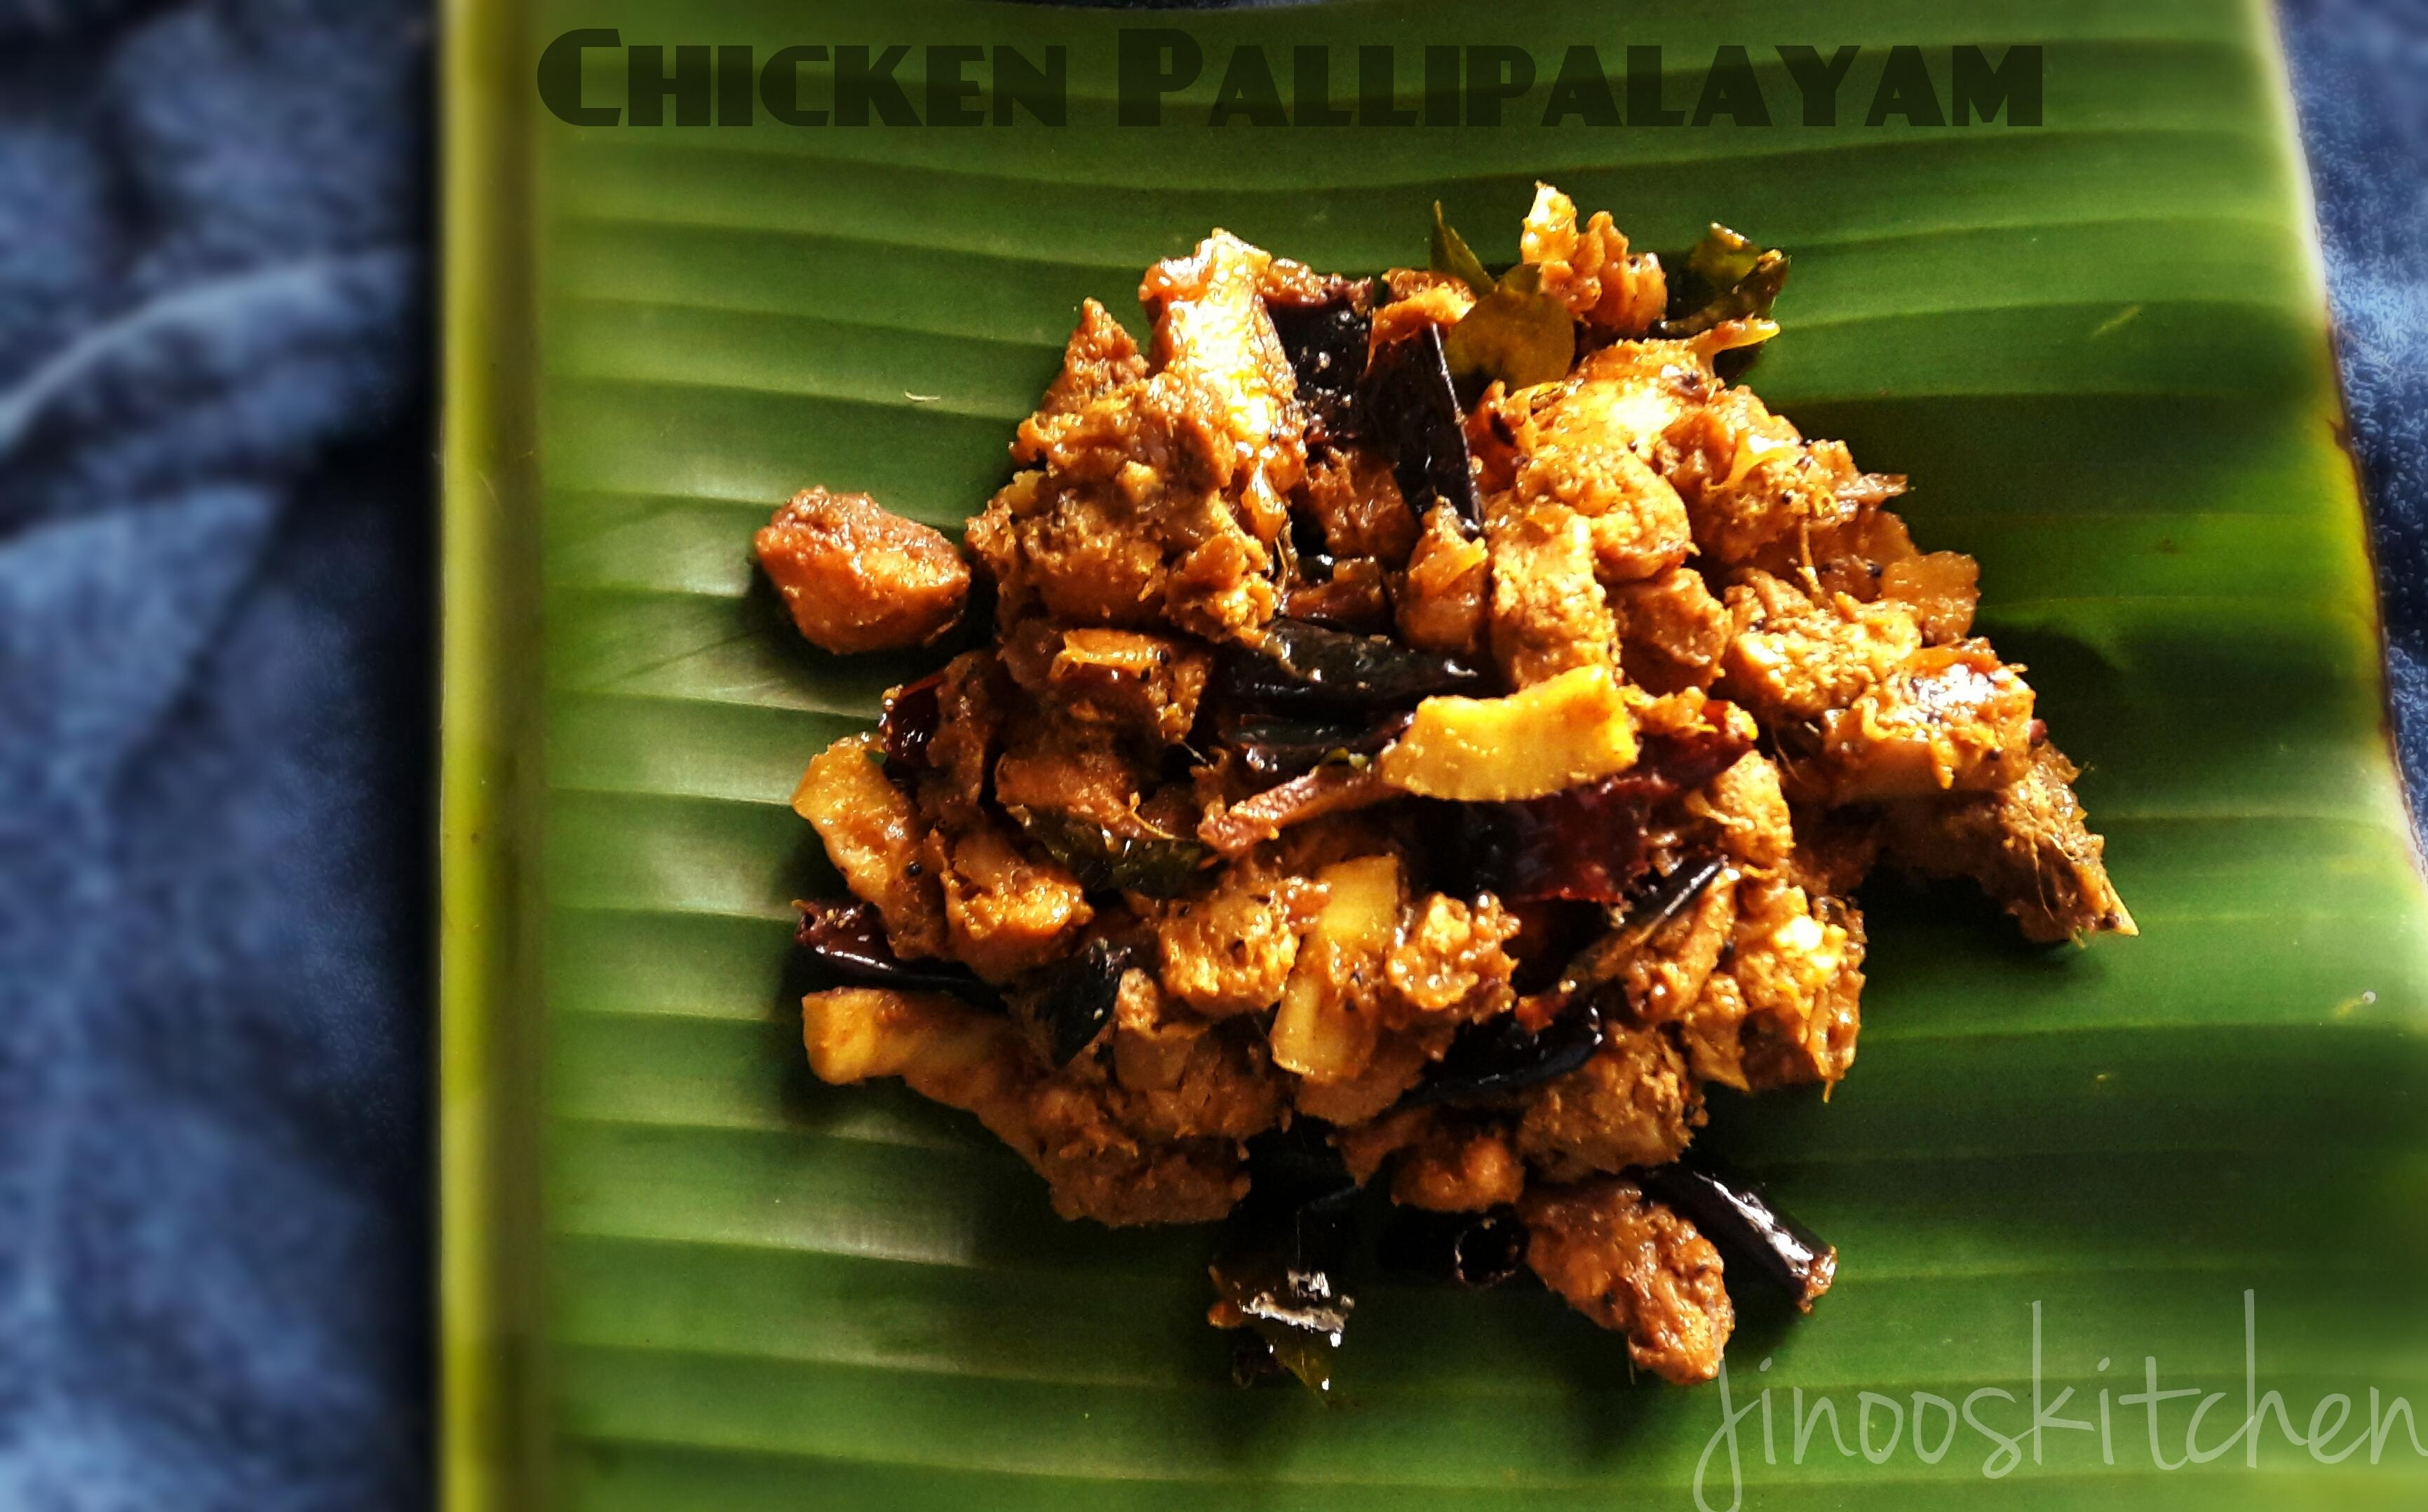 chicken Pallipalayam